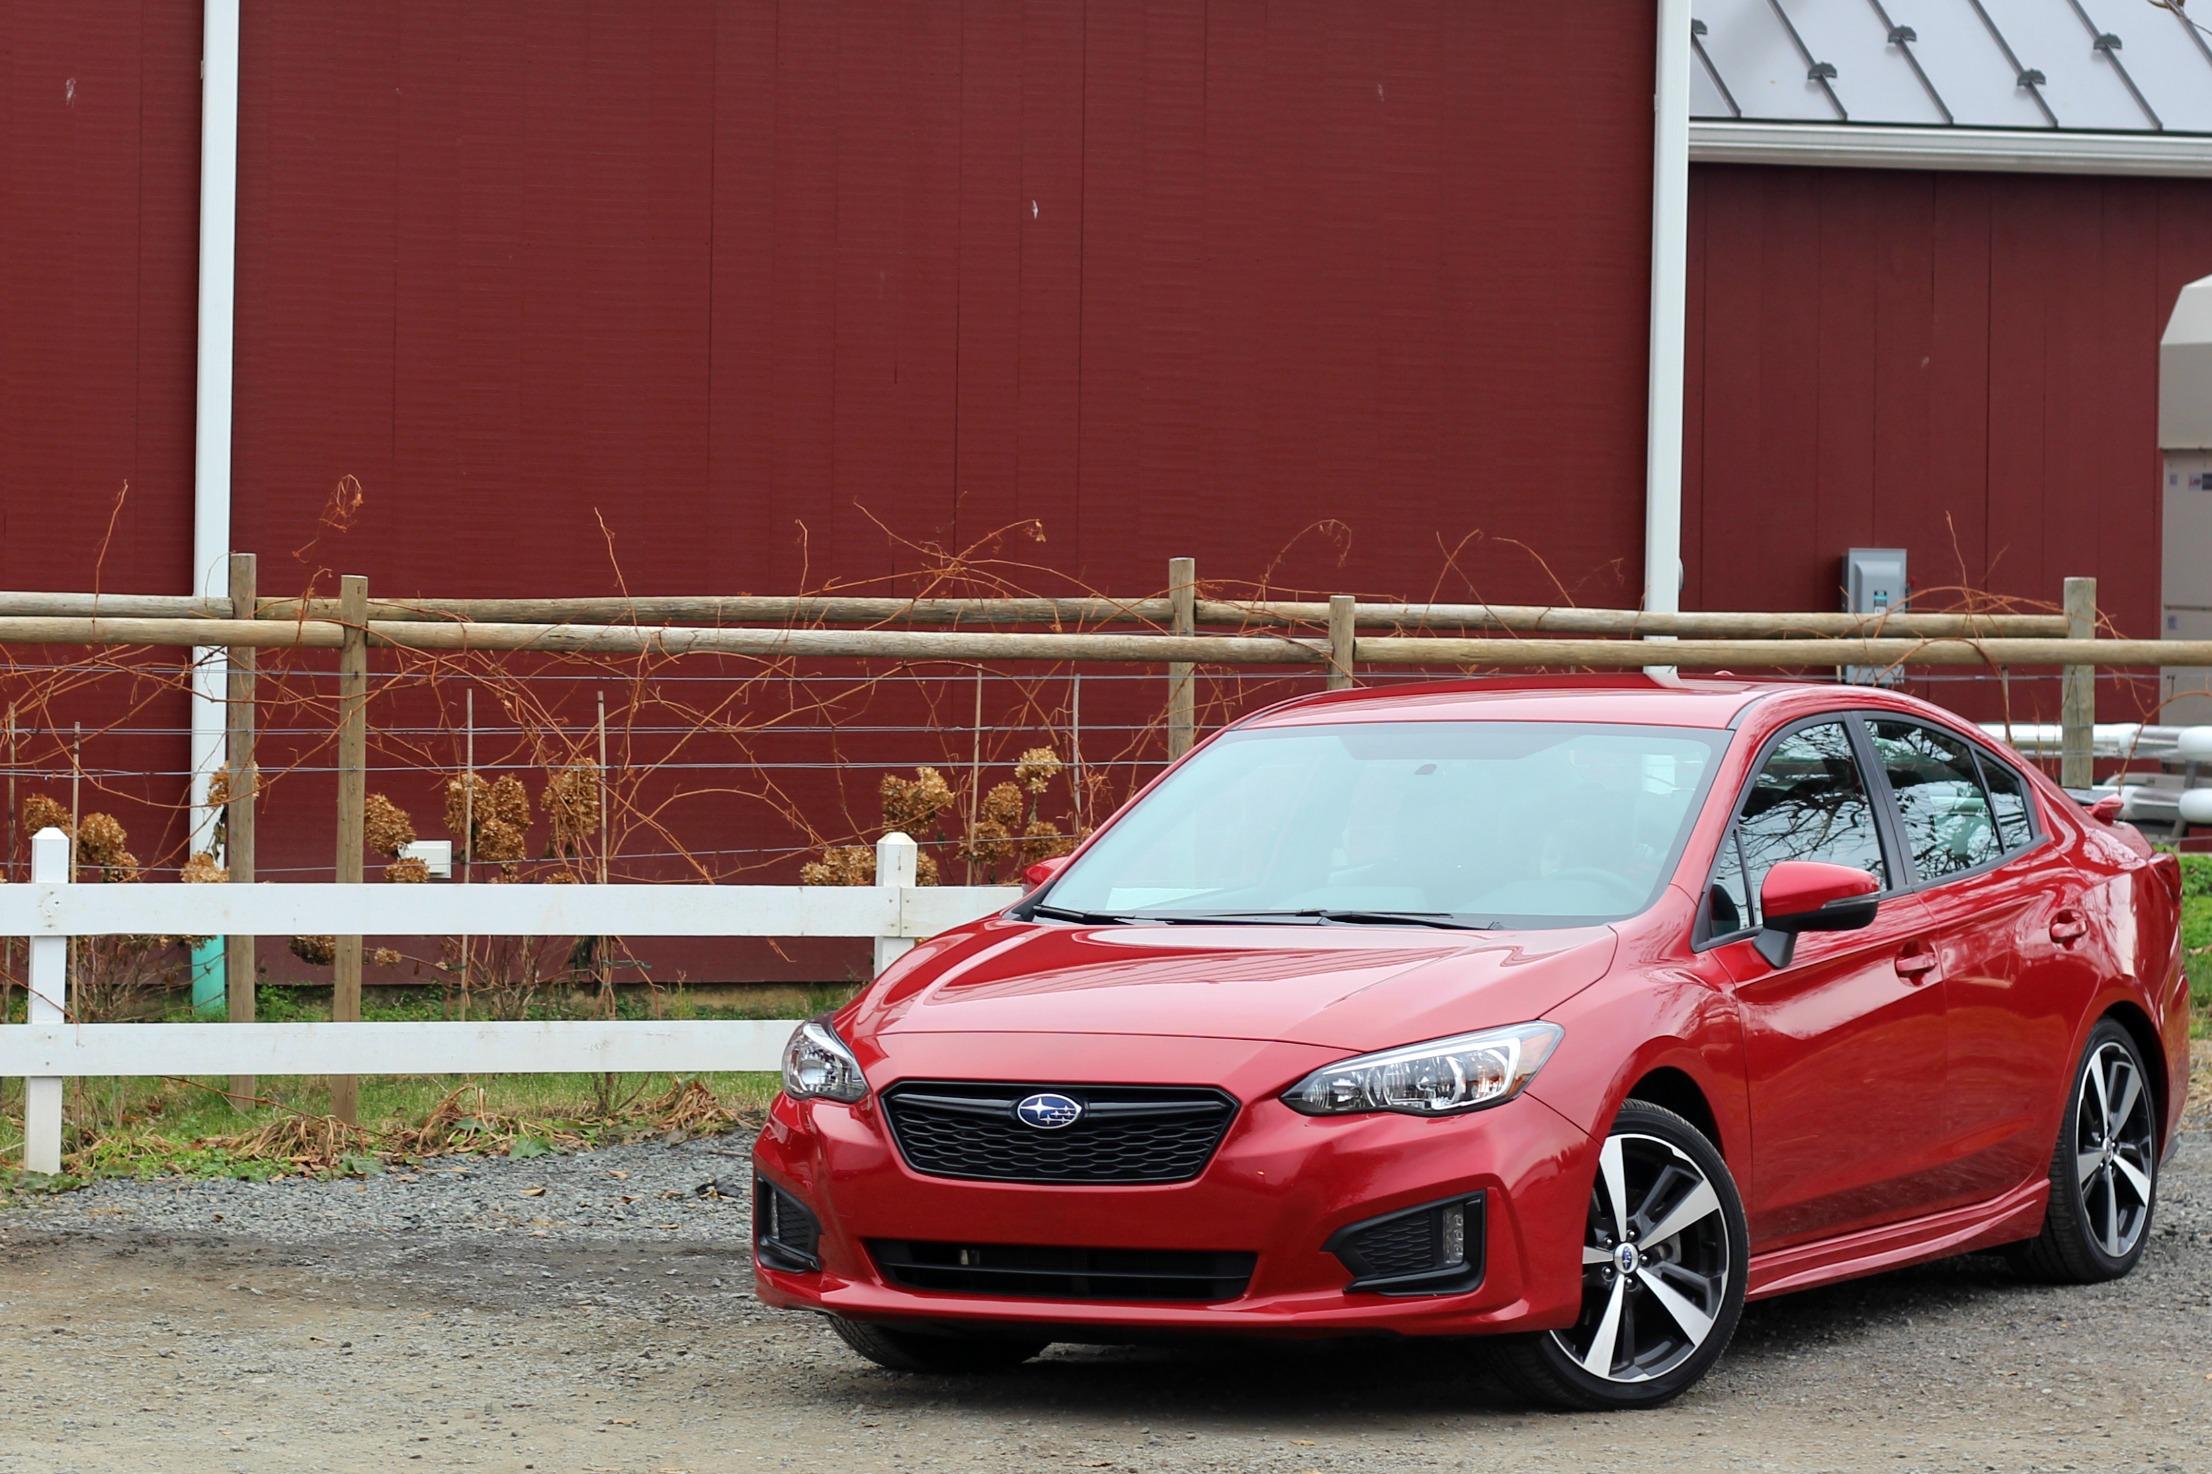 Subaru Impreza Sport Sedan compact AWD sedan